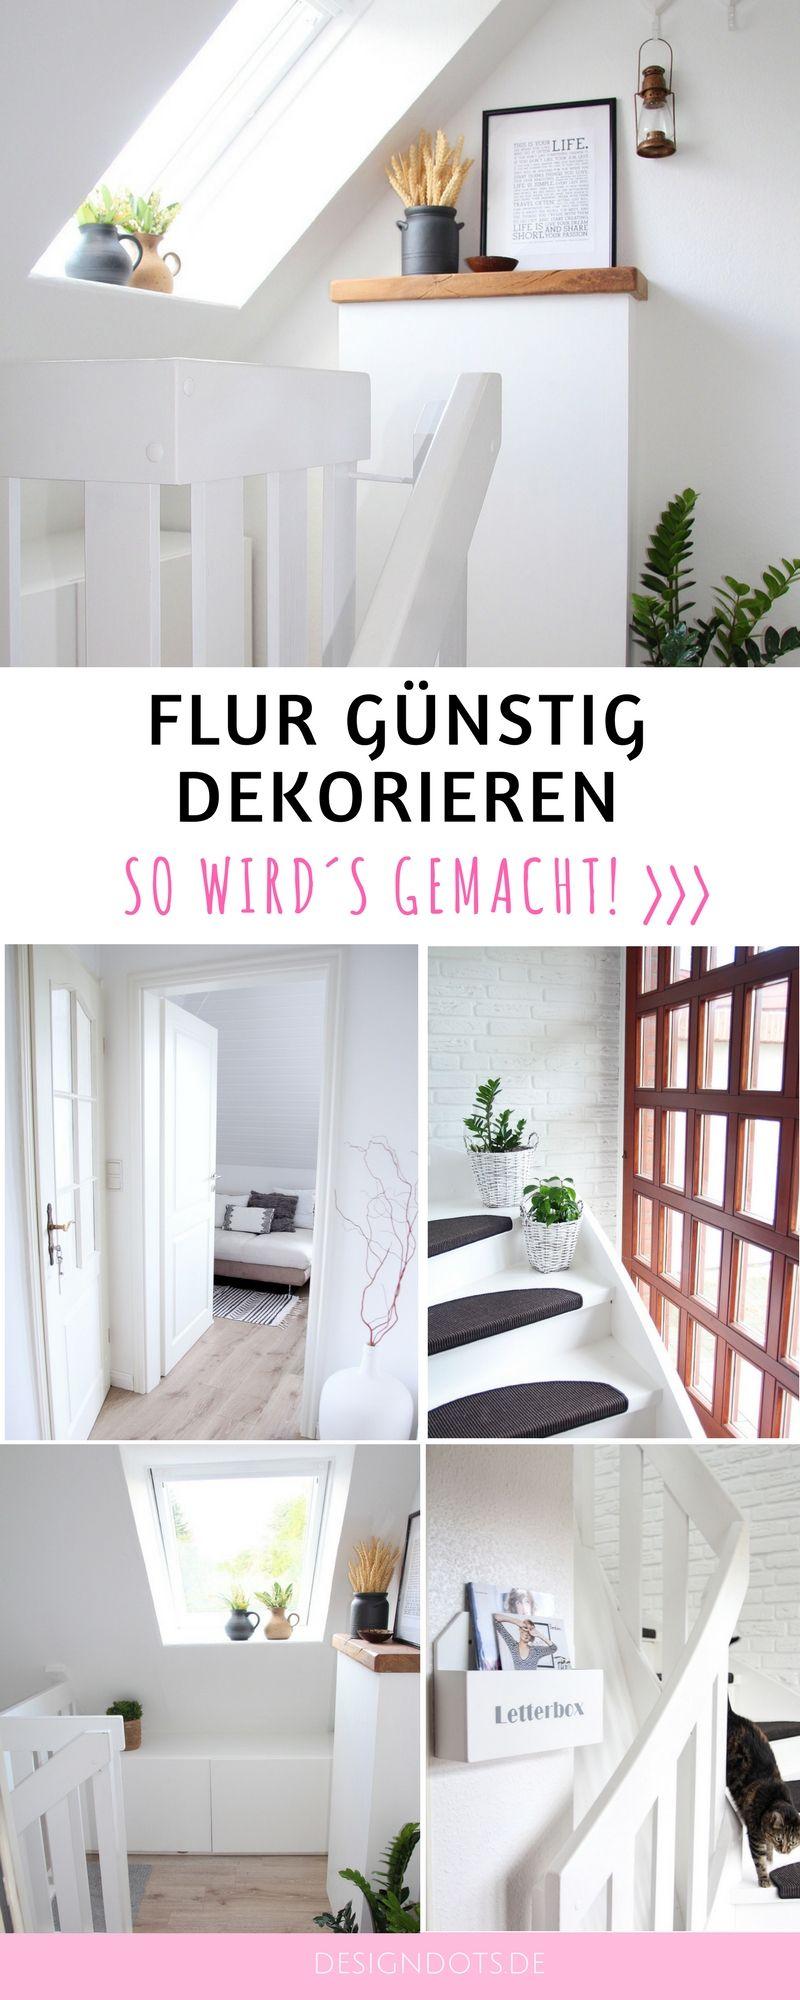 Flur Und Treppenhaus Neu Gestalten Und Dekorieren: Vorher Nachher. Wohnung  Renovieren, Neue Gestalten